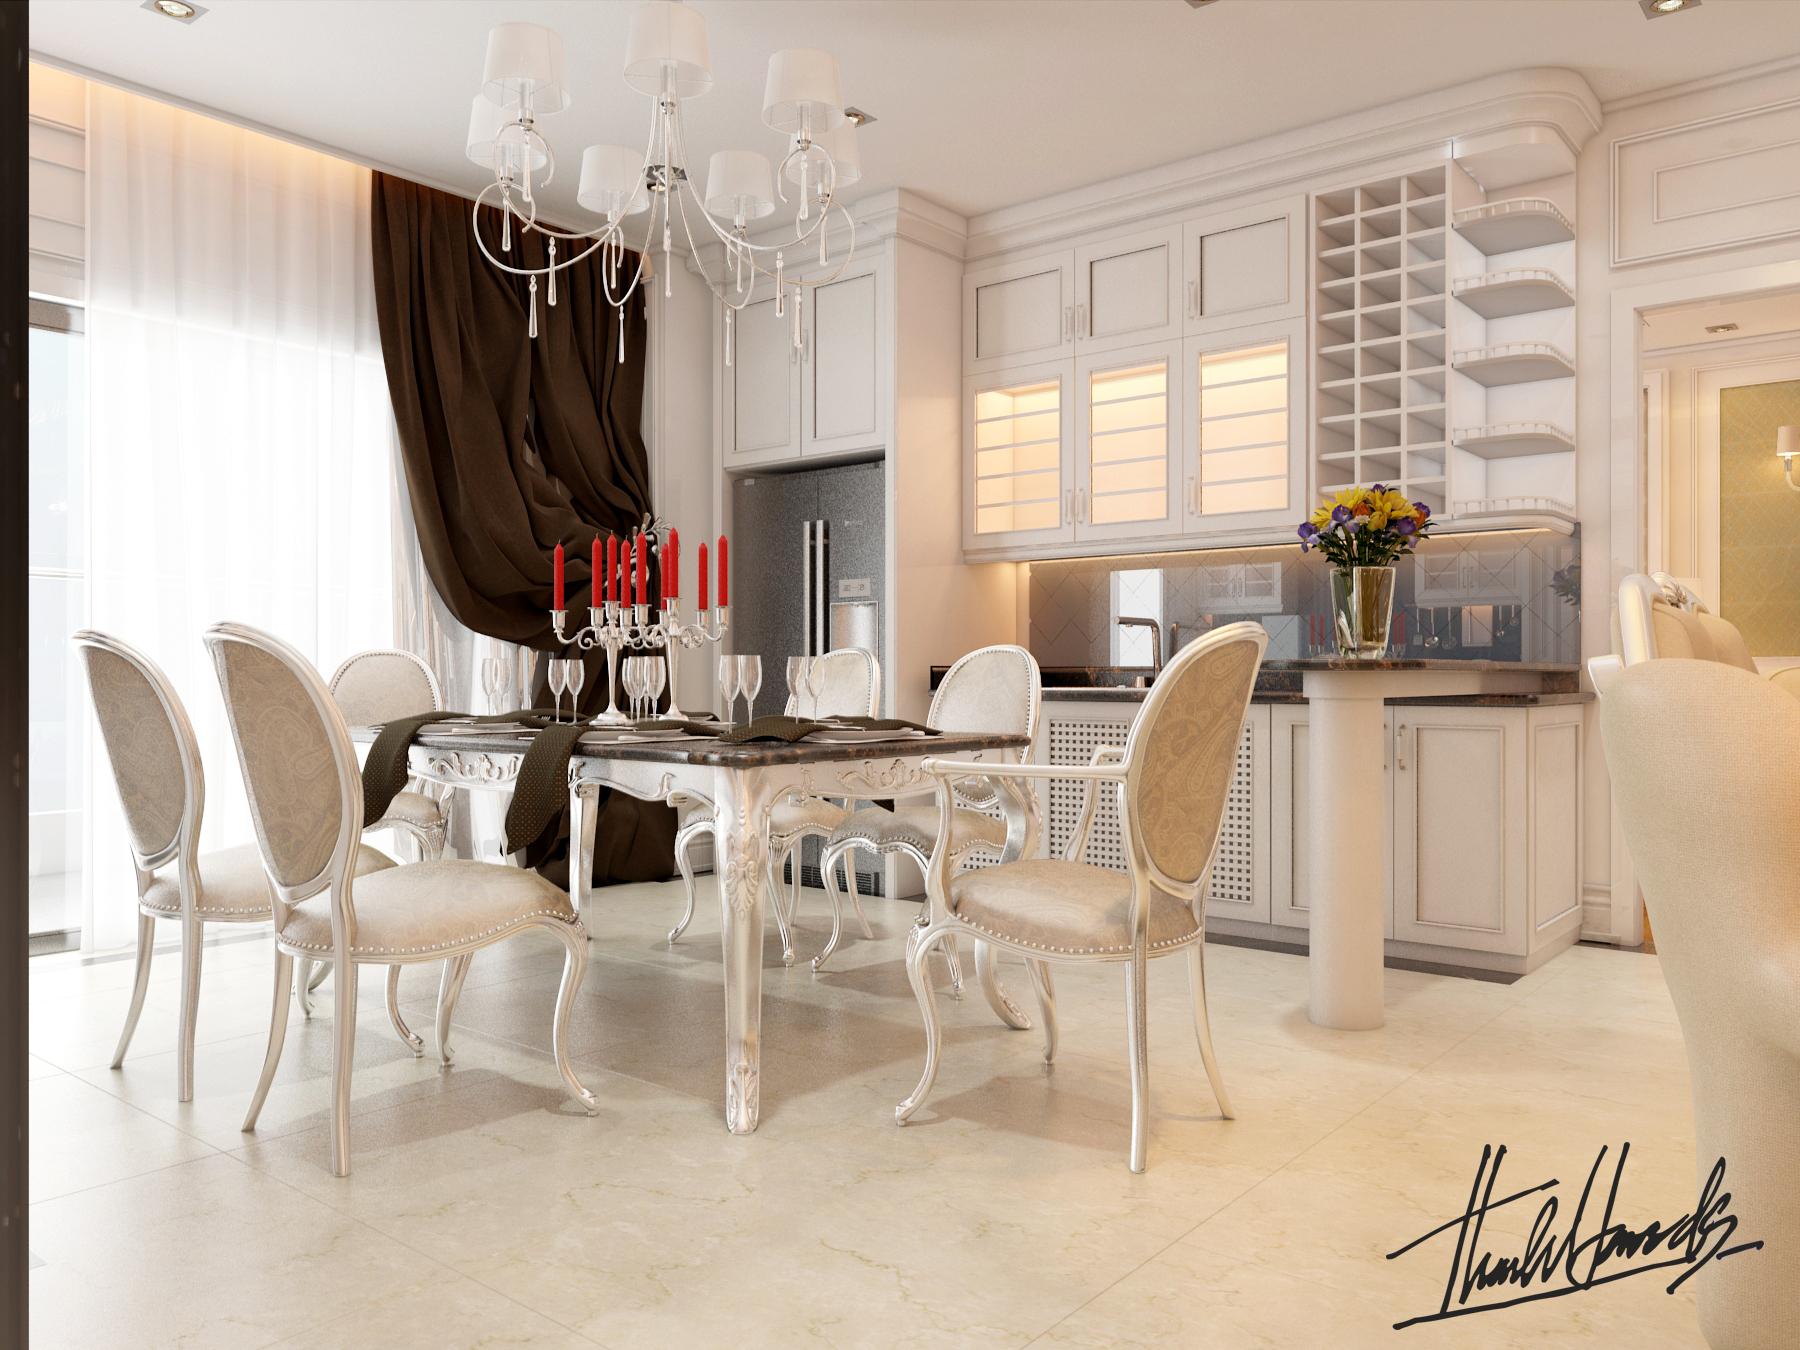 thiết kế nội thất chung cư tại Hà Nội chung cư trang an complex 3 1568277027